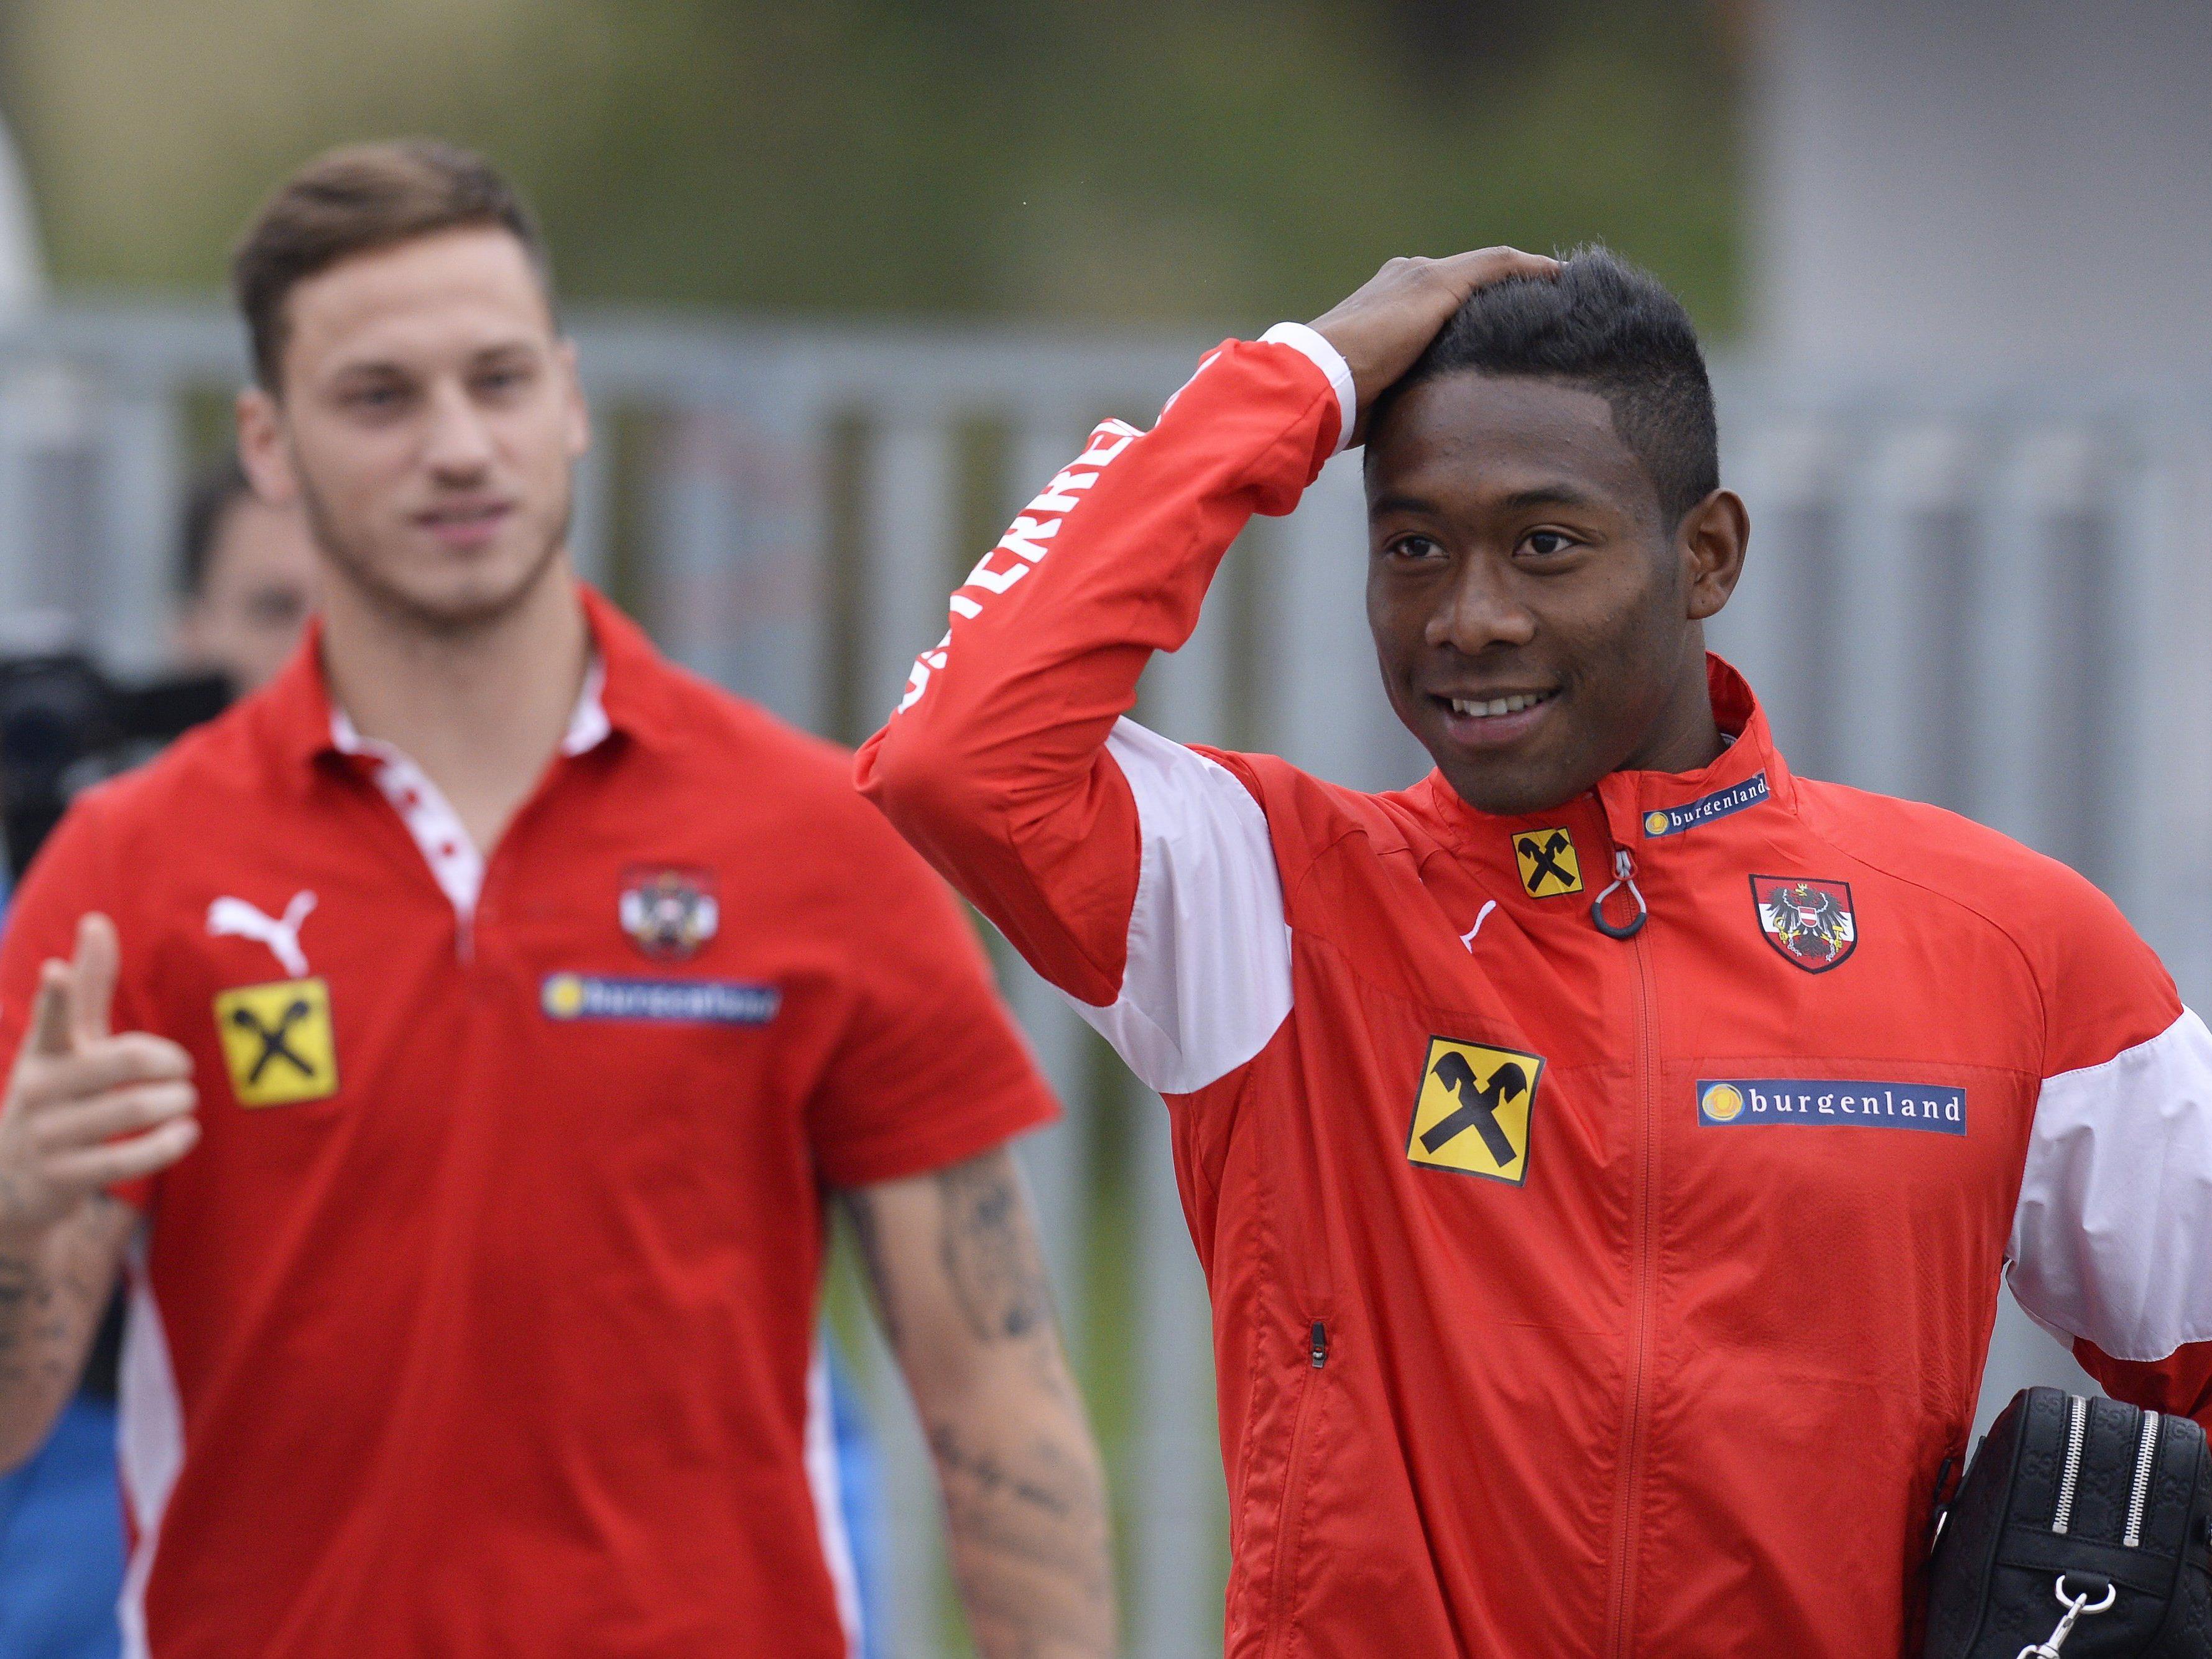 Die Stimmung bei Arnautović, Alaba und Co. beim ÖFB-Team ist hervorragend.